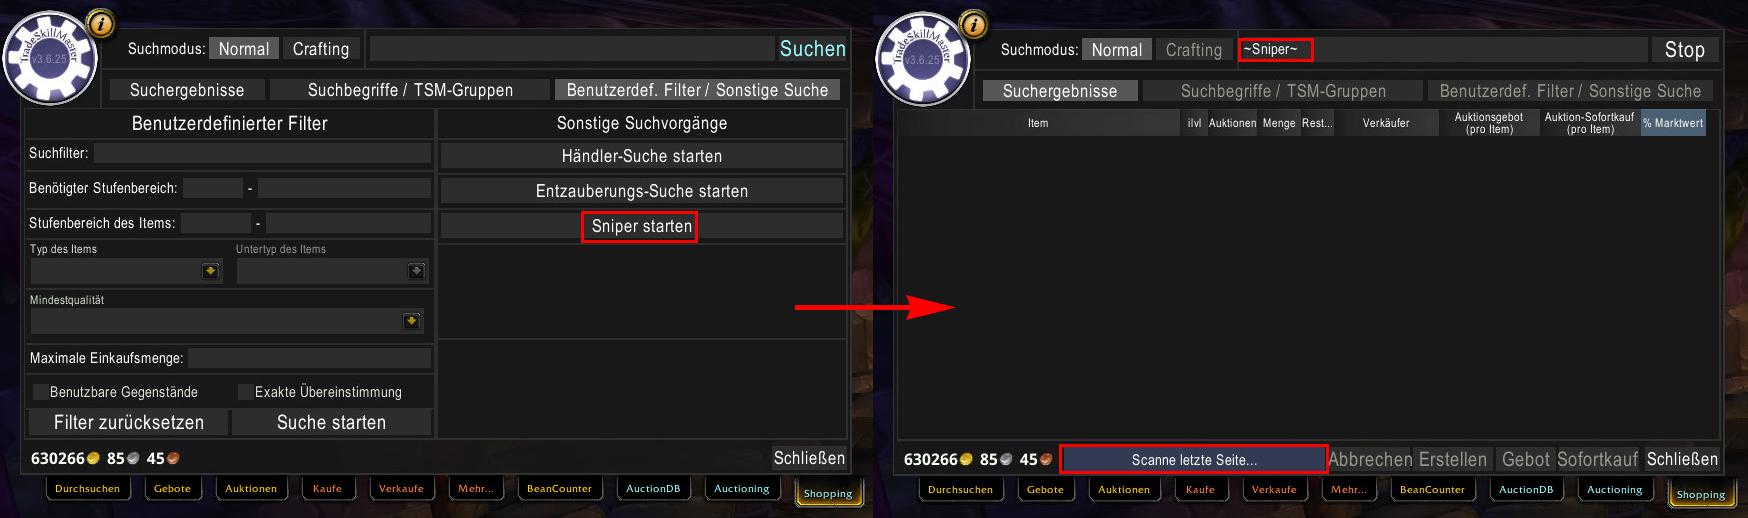 TSM Sniper Guide - Suche